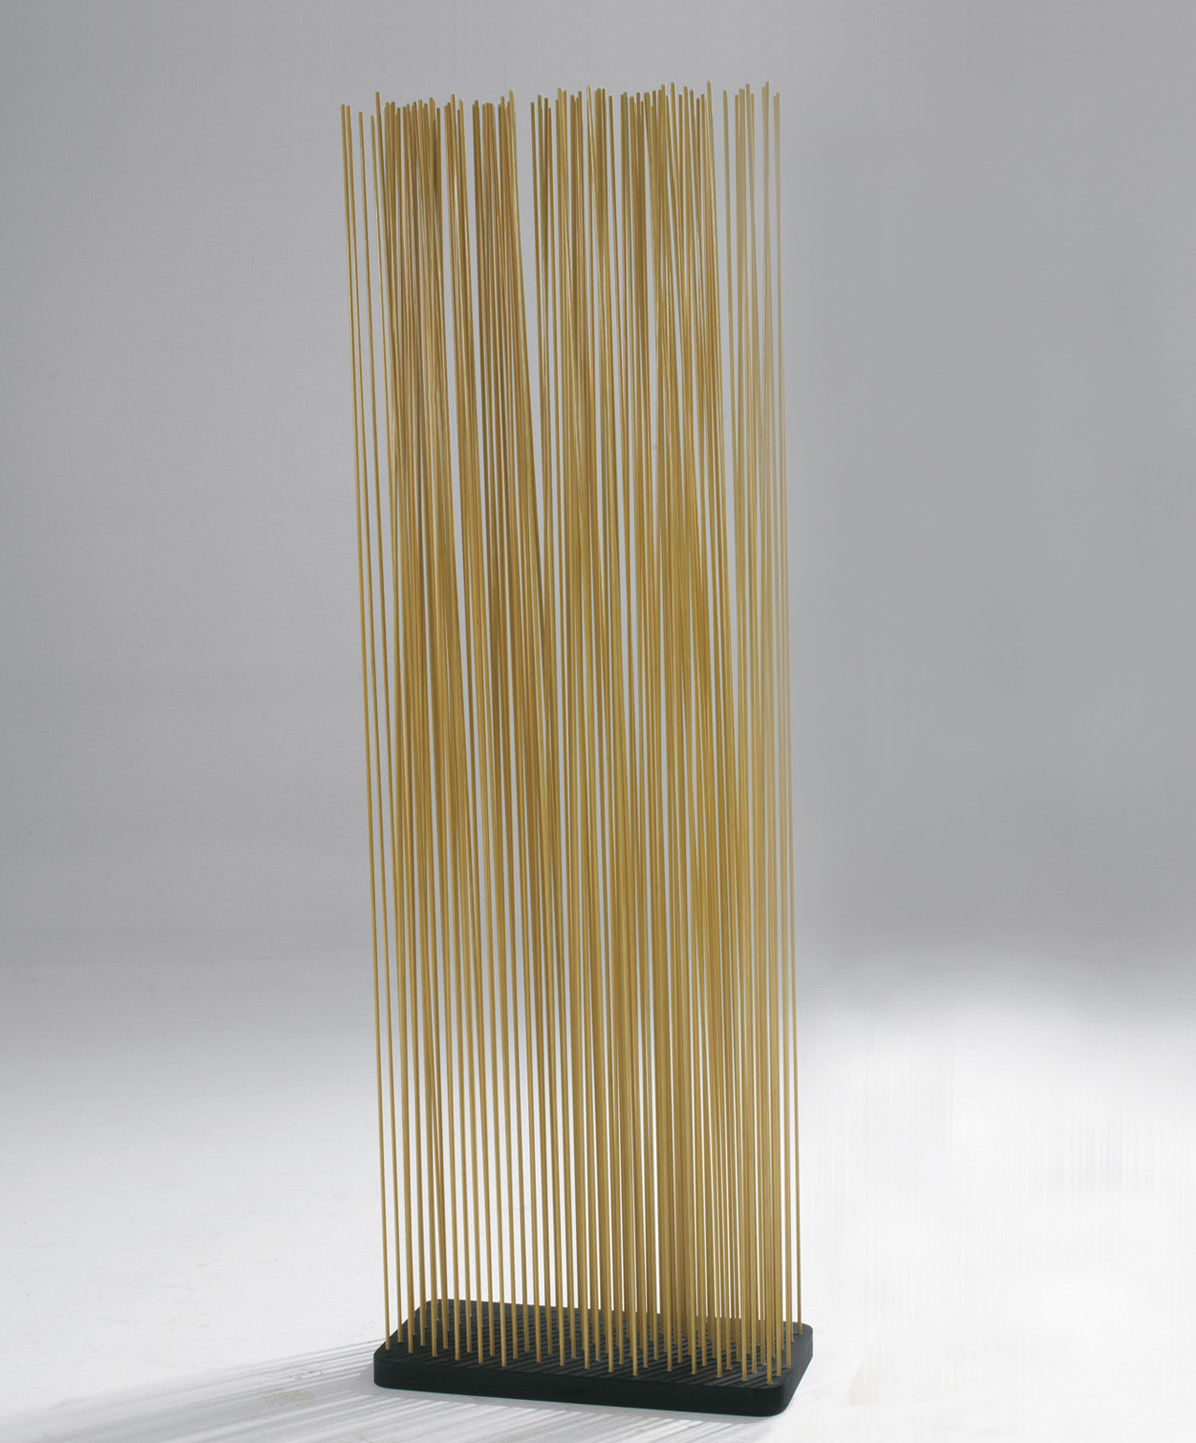 Mobilier - Paravents, séparations - Paravent Sticks / L 60 x H 150 cm - Intérieur & extérieur - Extremis - Naturel - Caoutchouc, Fibre de verre renforcée